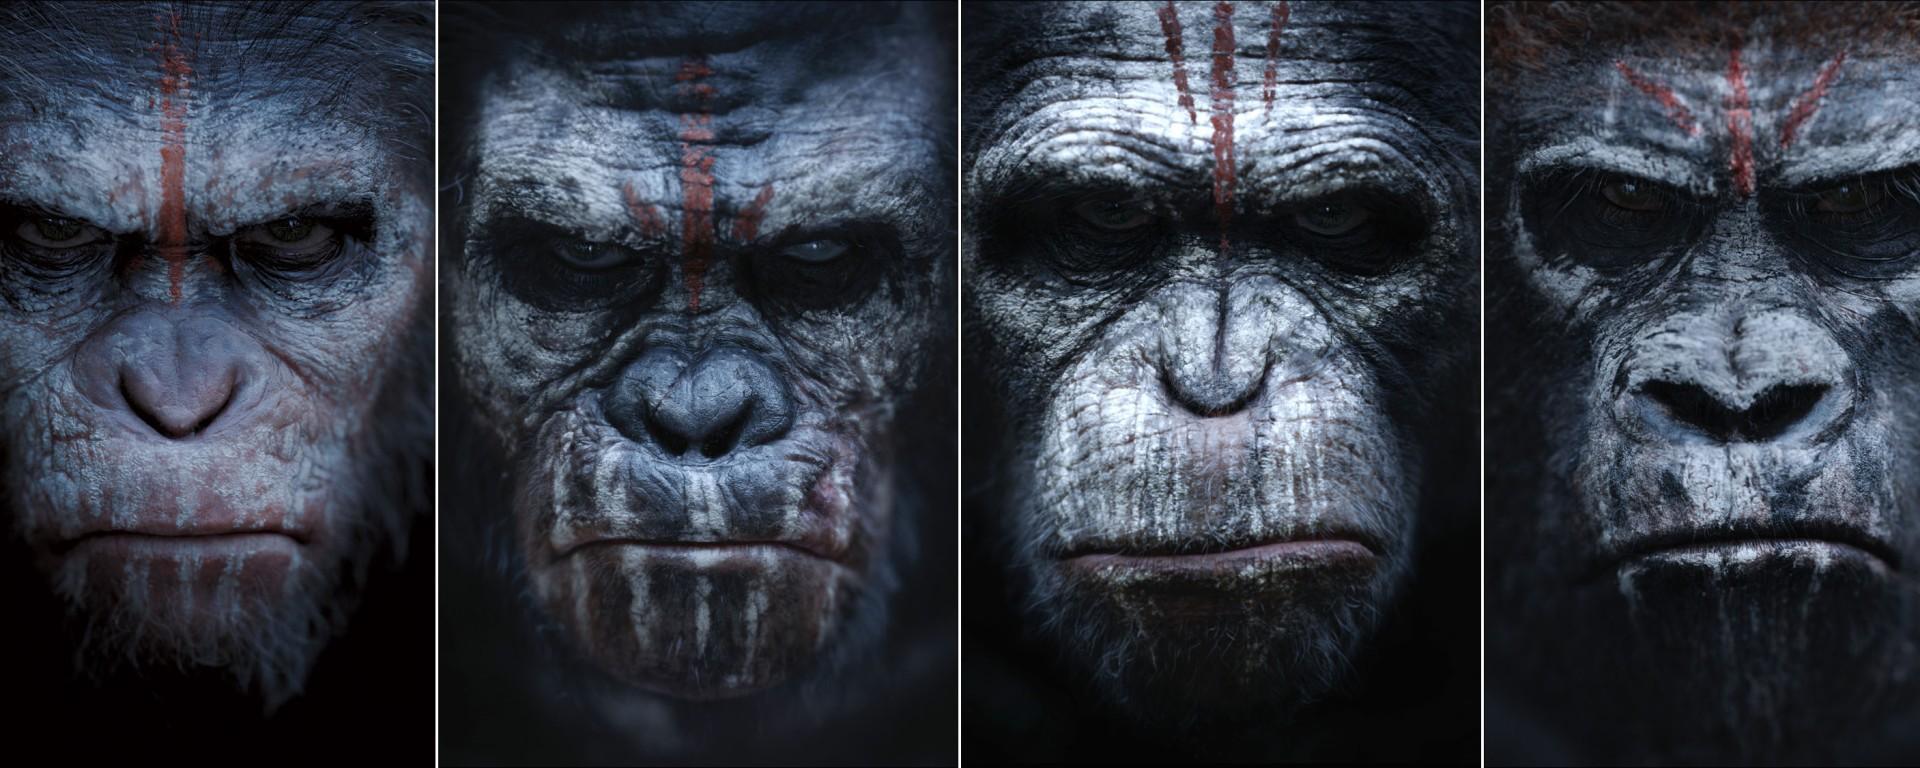 Resultado de imagem para planeta dos macacos o confronto